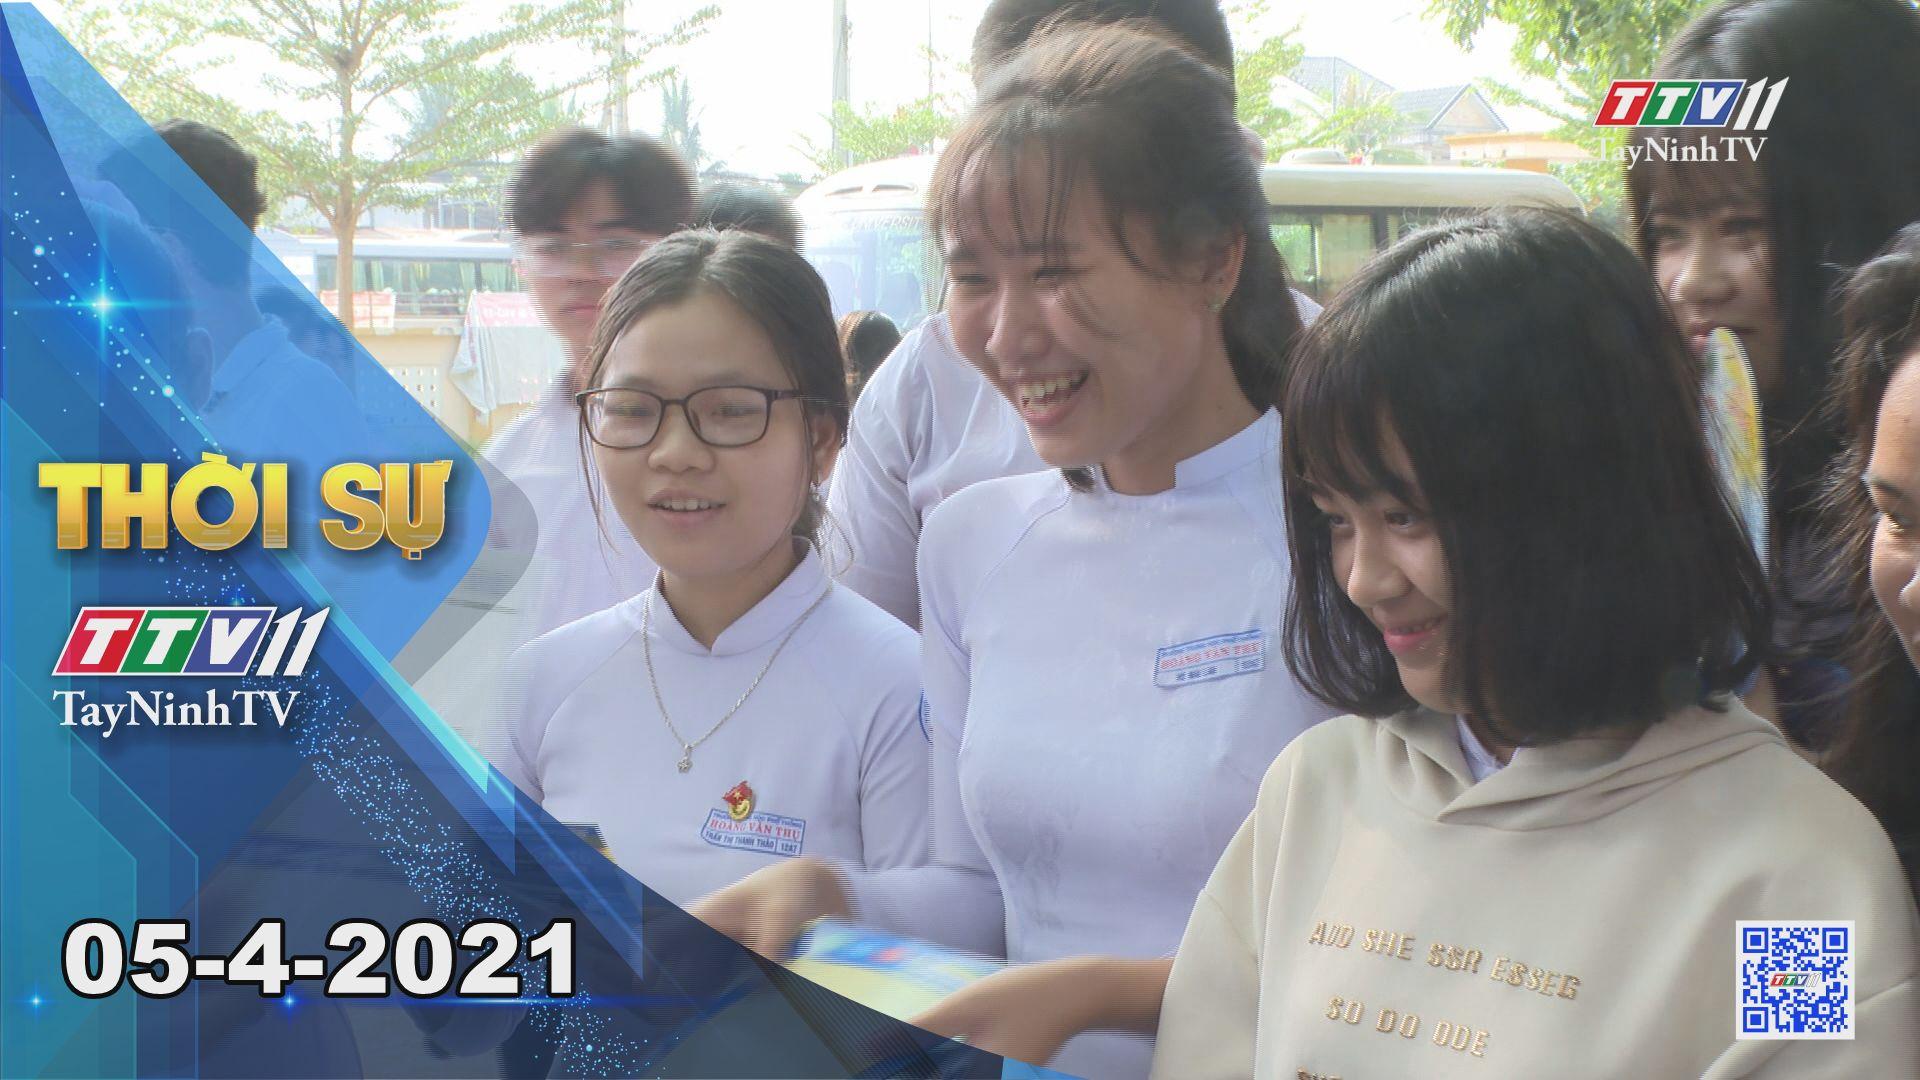 Thời sự Tây Ninh 05-4-2021 | Tin tức hôm nay | TayNinhTV